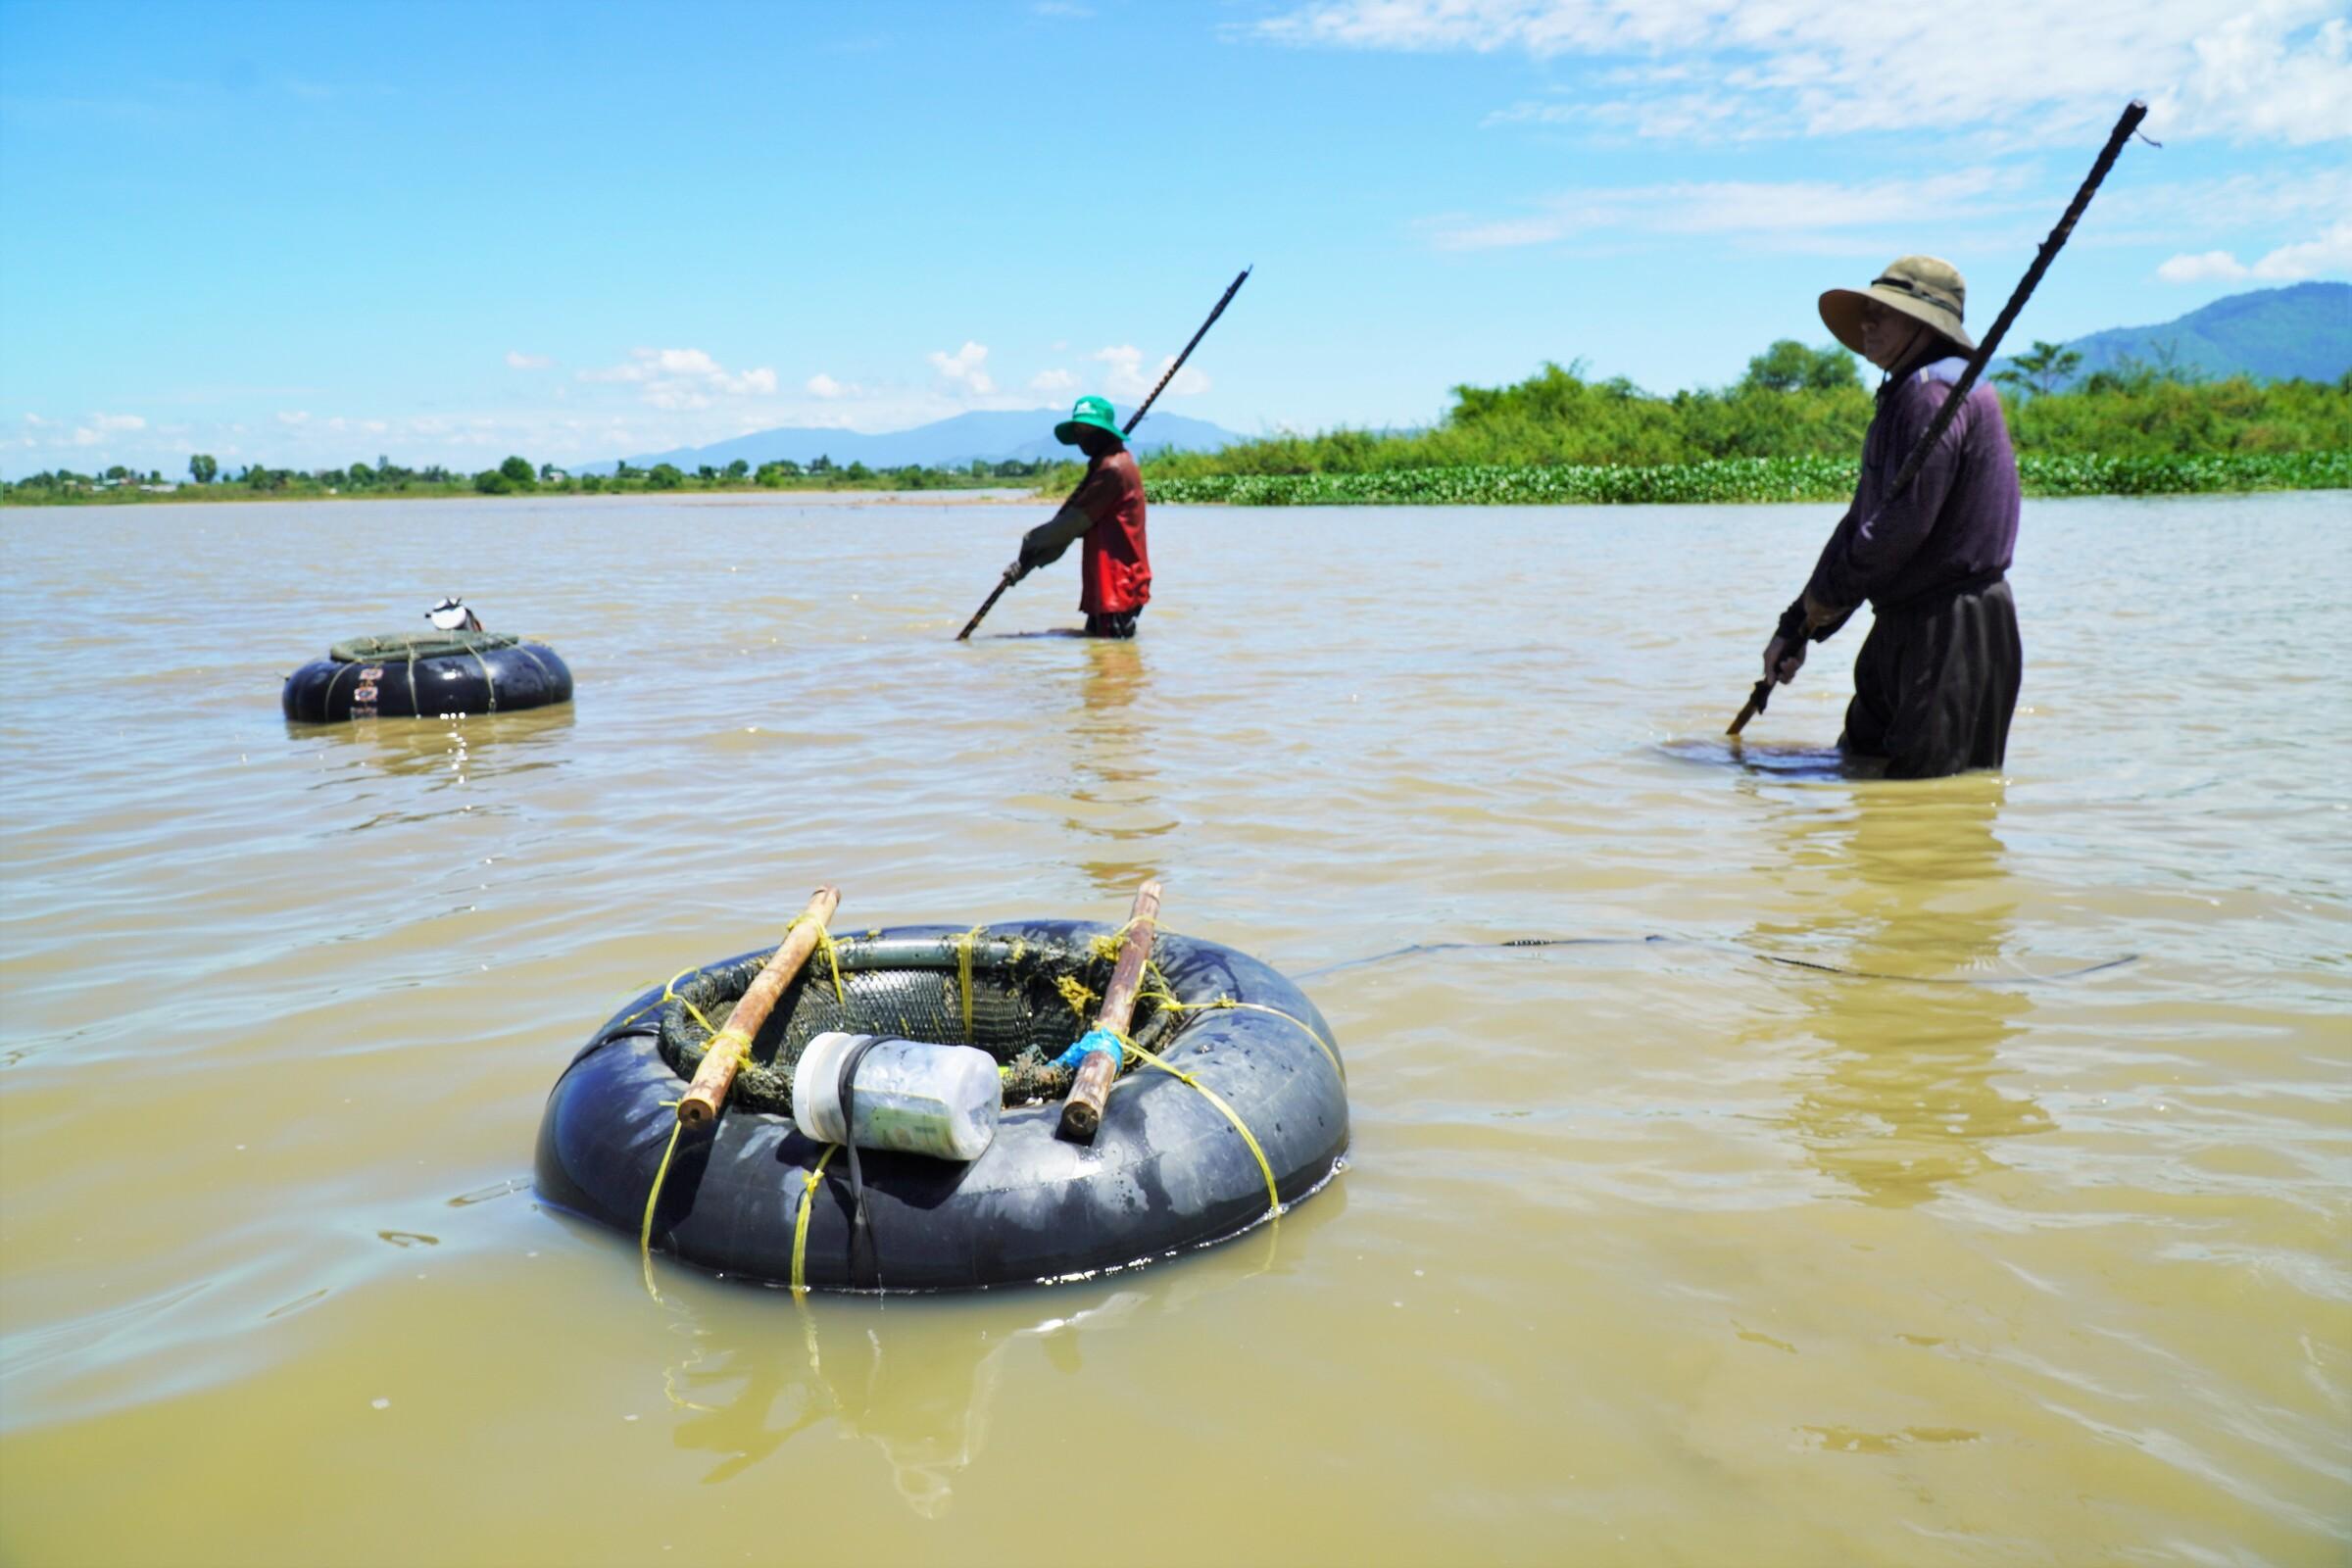 Ông Mạnh (phải) cùng đồng nghiệp cào hến ở hồ thủy lợi huyện Hàm Thuận Bắc, ngày 17/6. Ảnh: Việt Quốc.